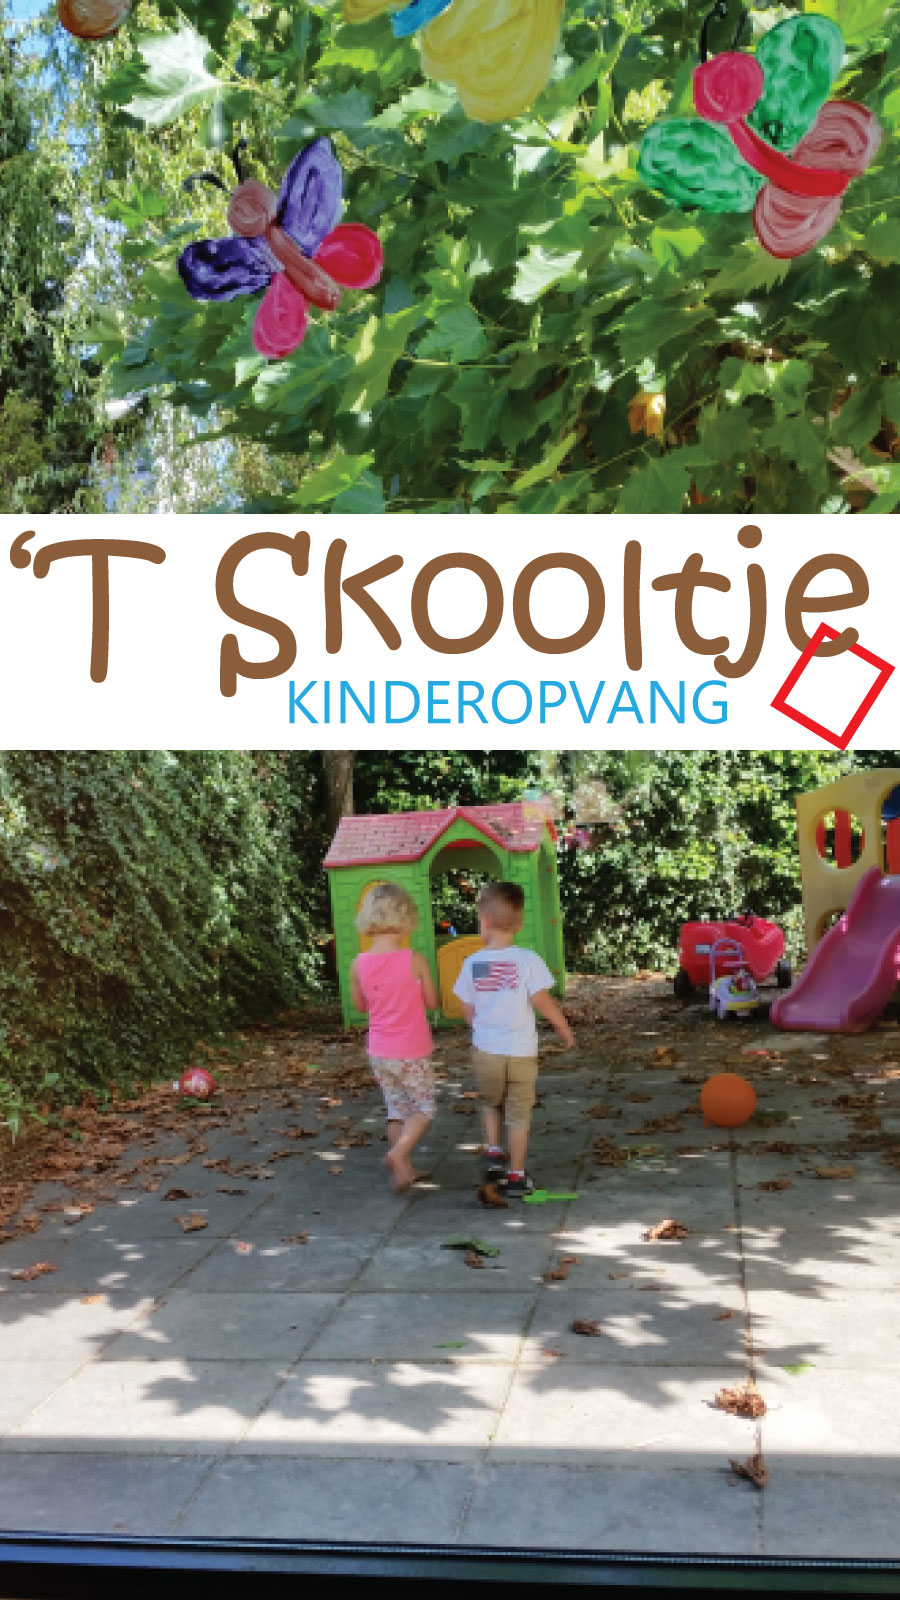 http://t-skooltje.nl/wp-content/uploads/2015/01/9.jpg